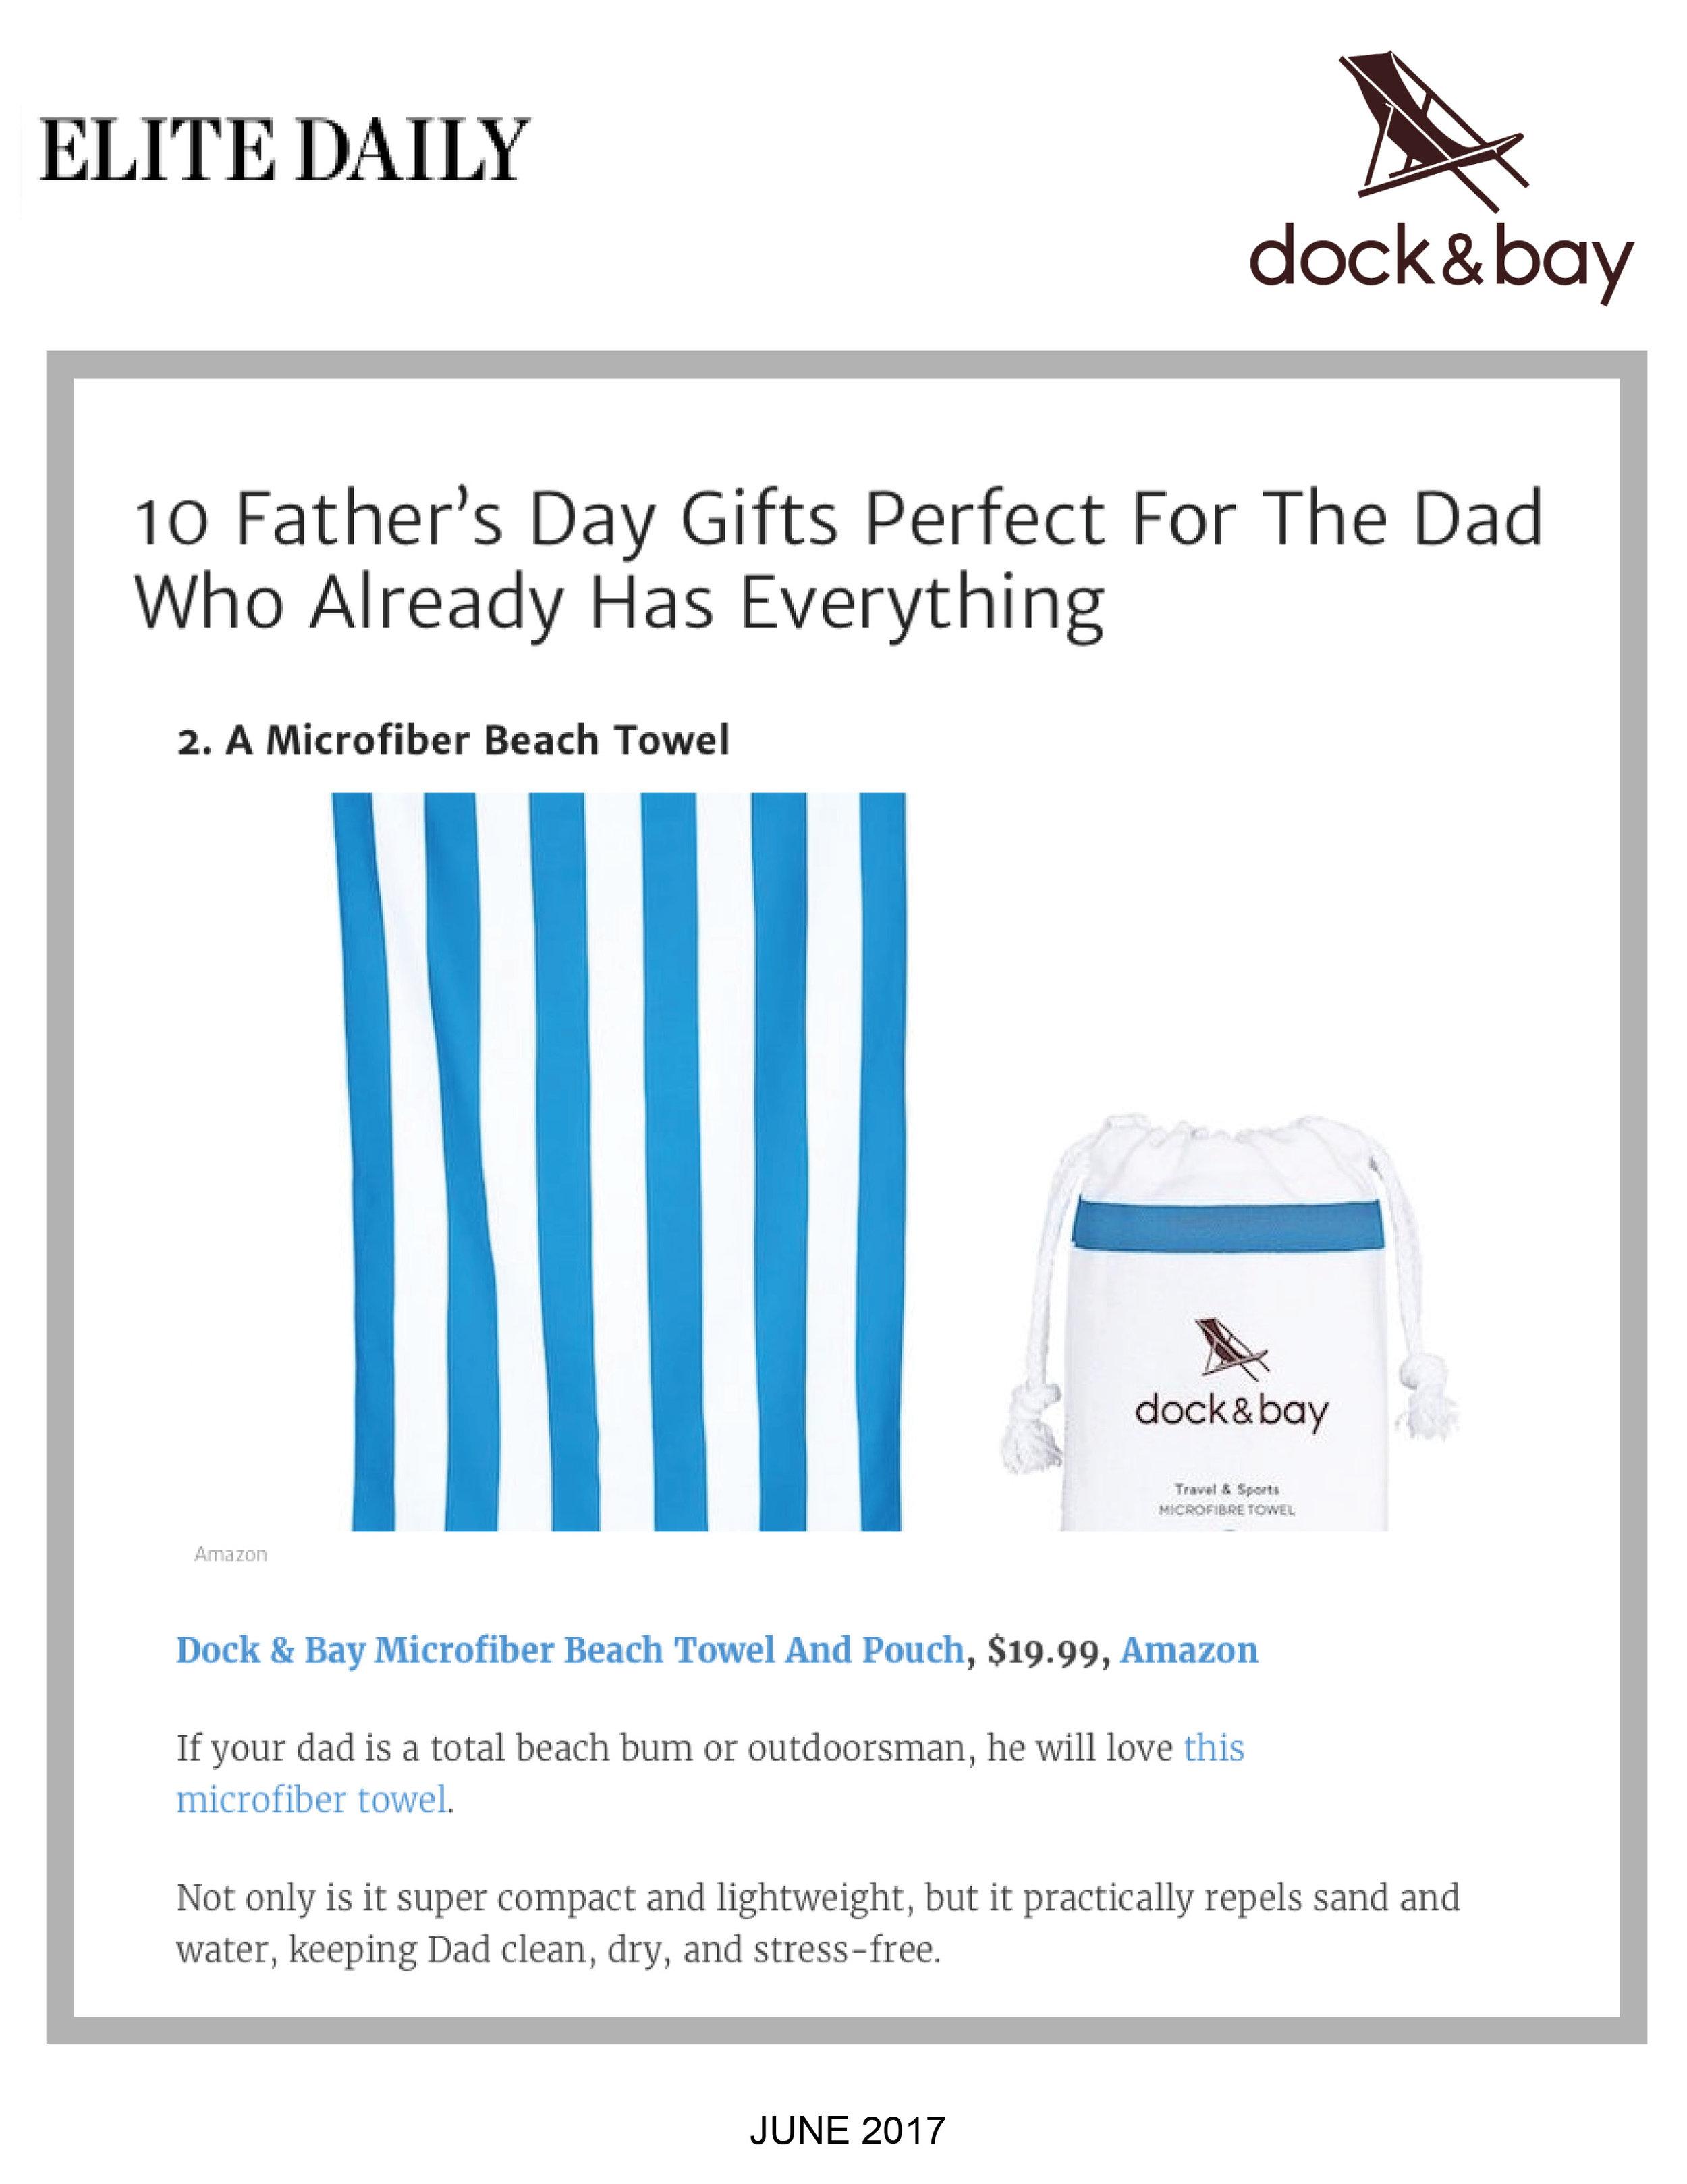 Dock&Bay_EliteDaily_June2017.jpg